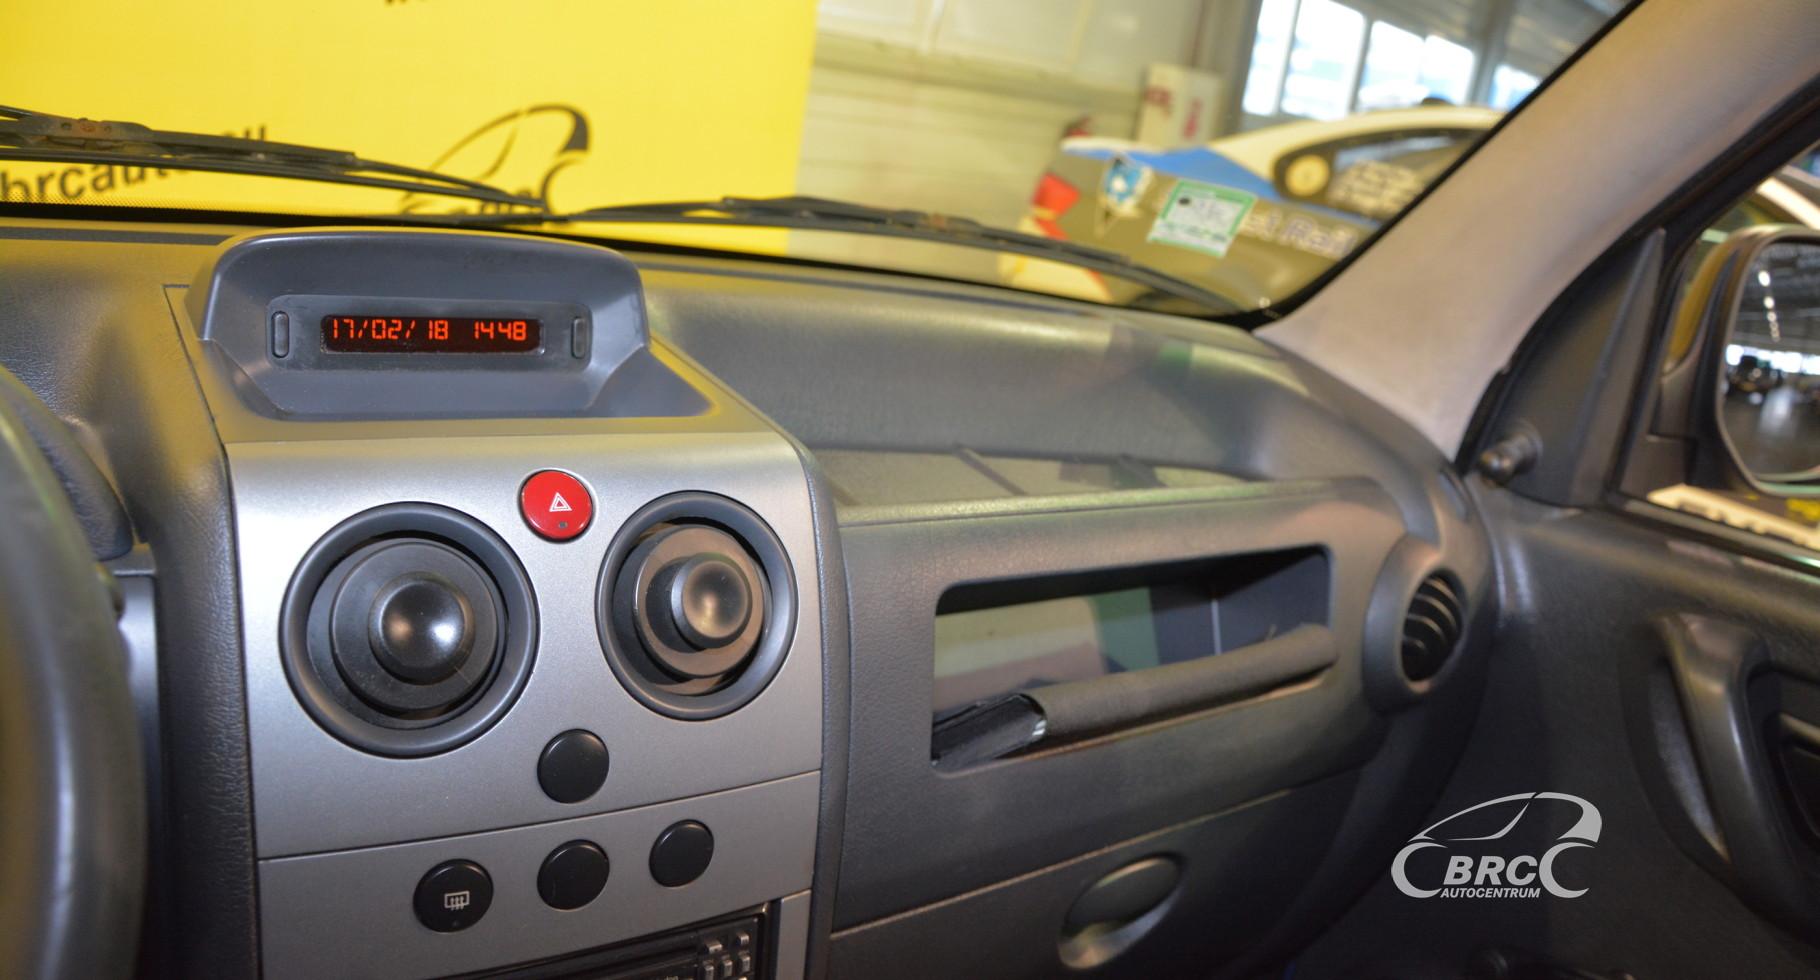 Citroen Berlingo 1.6 HDI